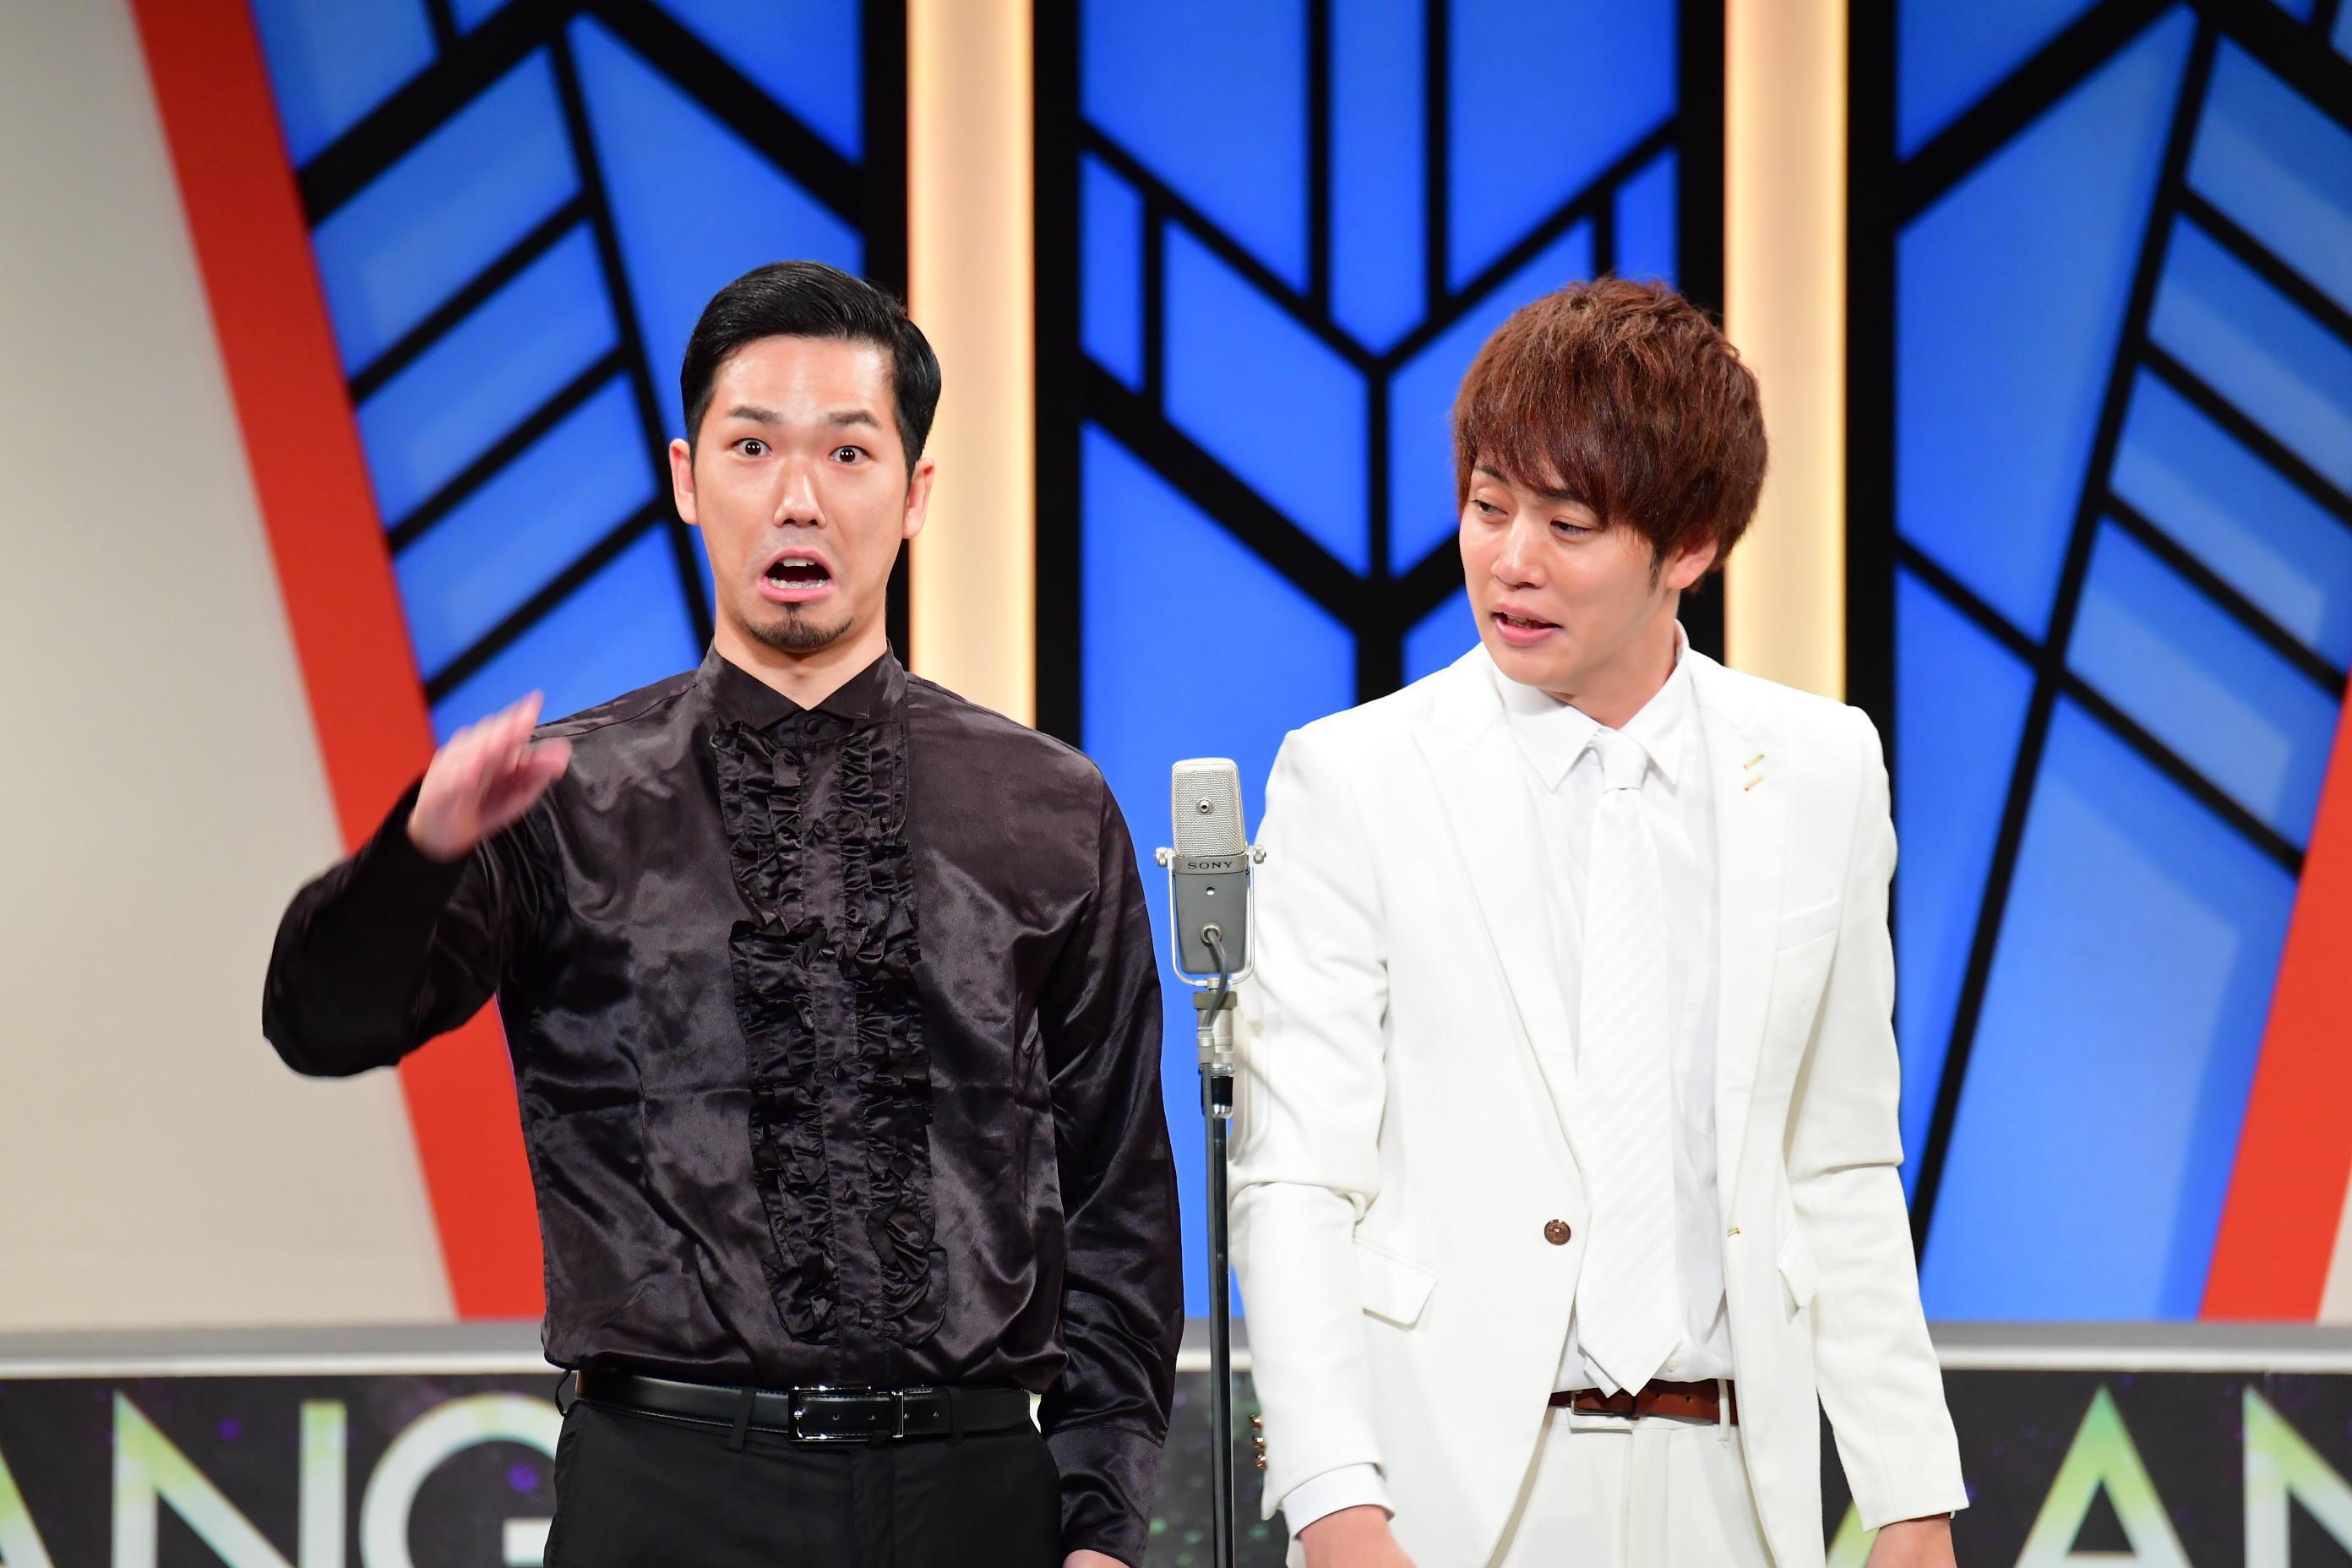 http://news.yoshimoto.co.jp/20180925140714-b922fb6eac058c87ccc97fa21d81f443214f7018.jpg